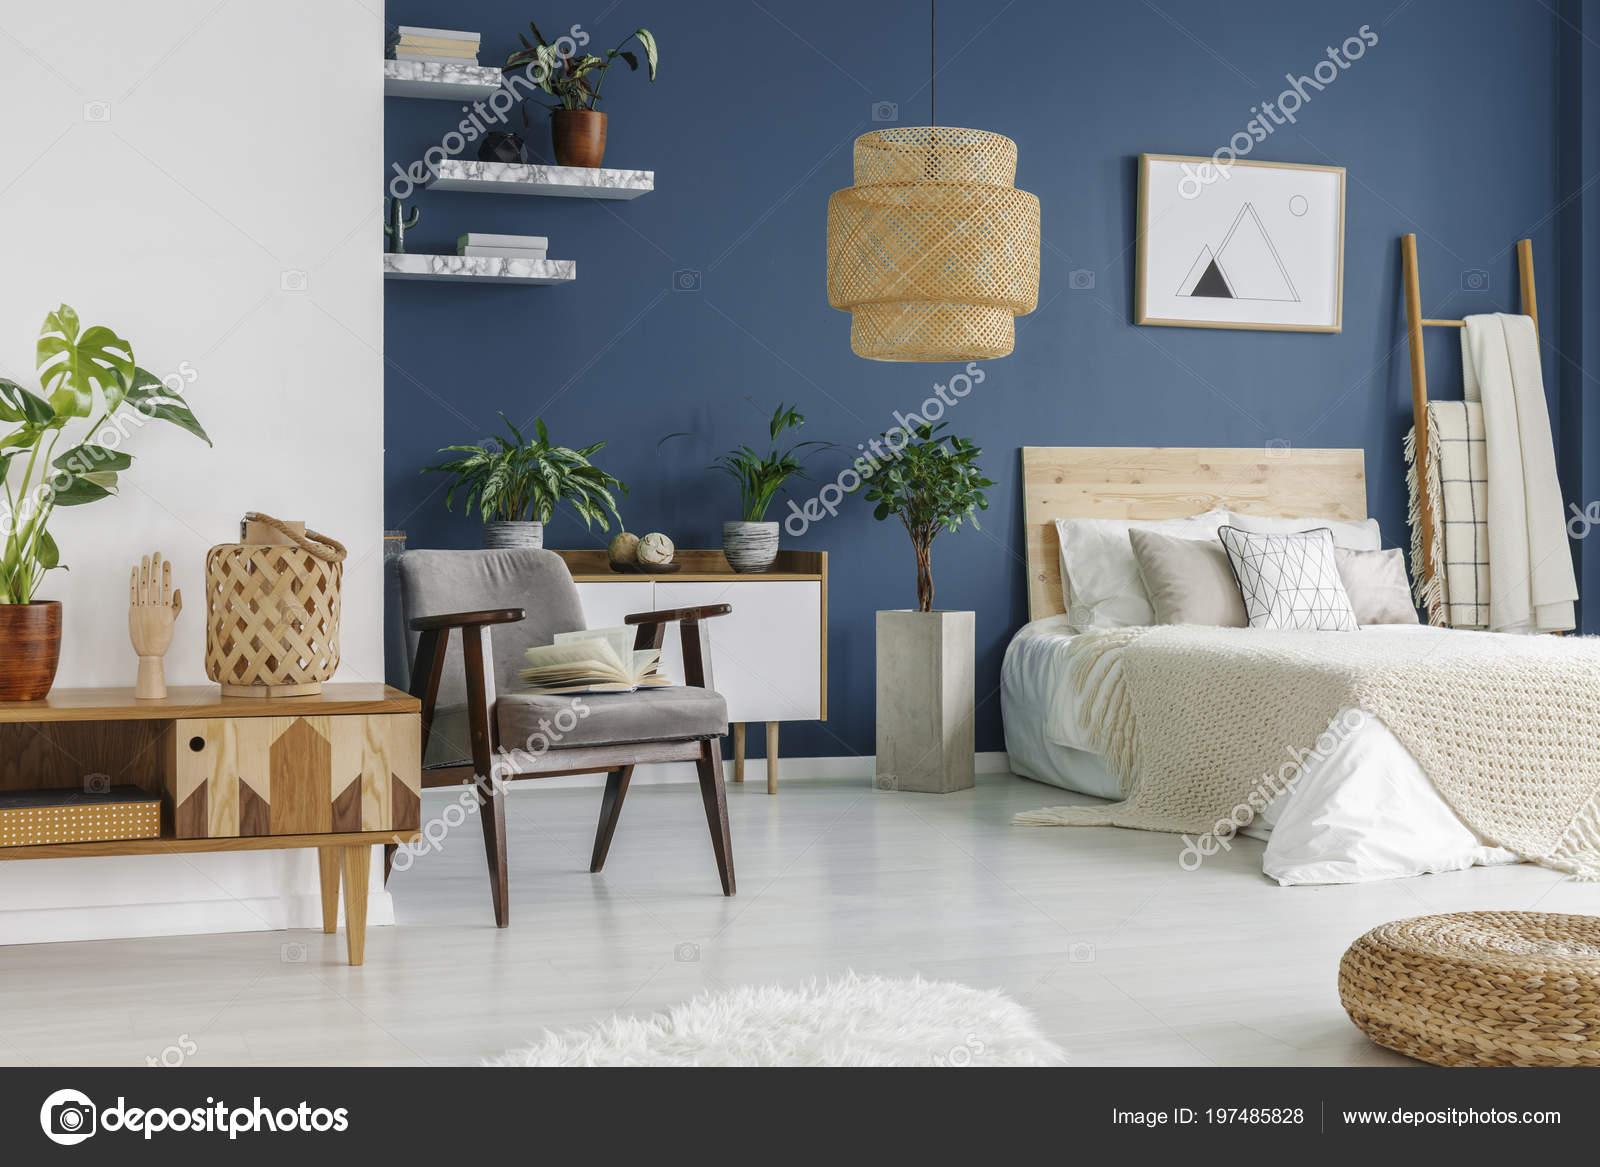 Möbel Aus Holz Und Marmor Regal Schlafzimmer Innenraum Mit ...